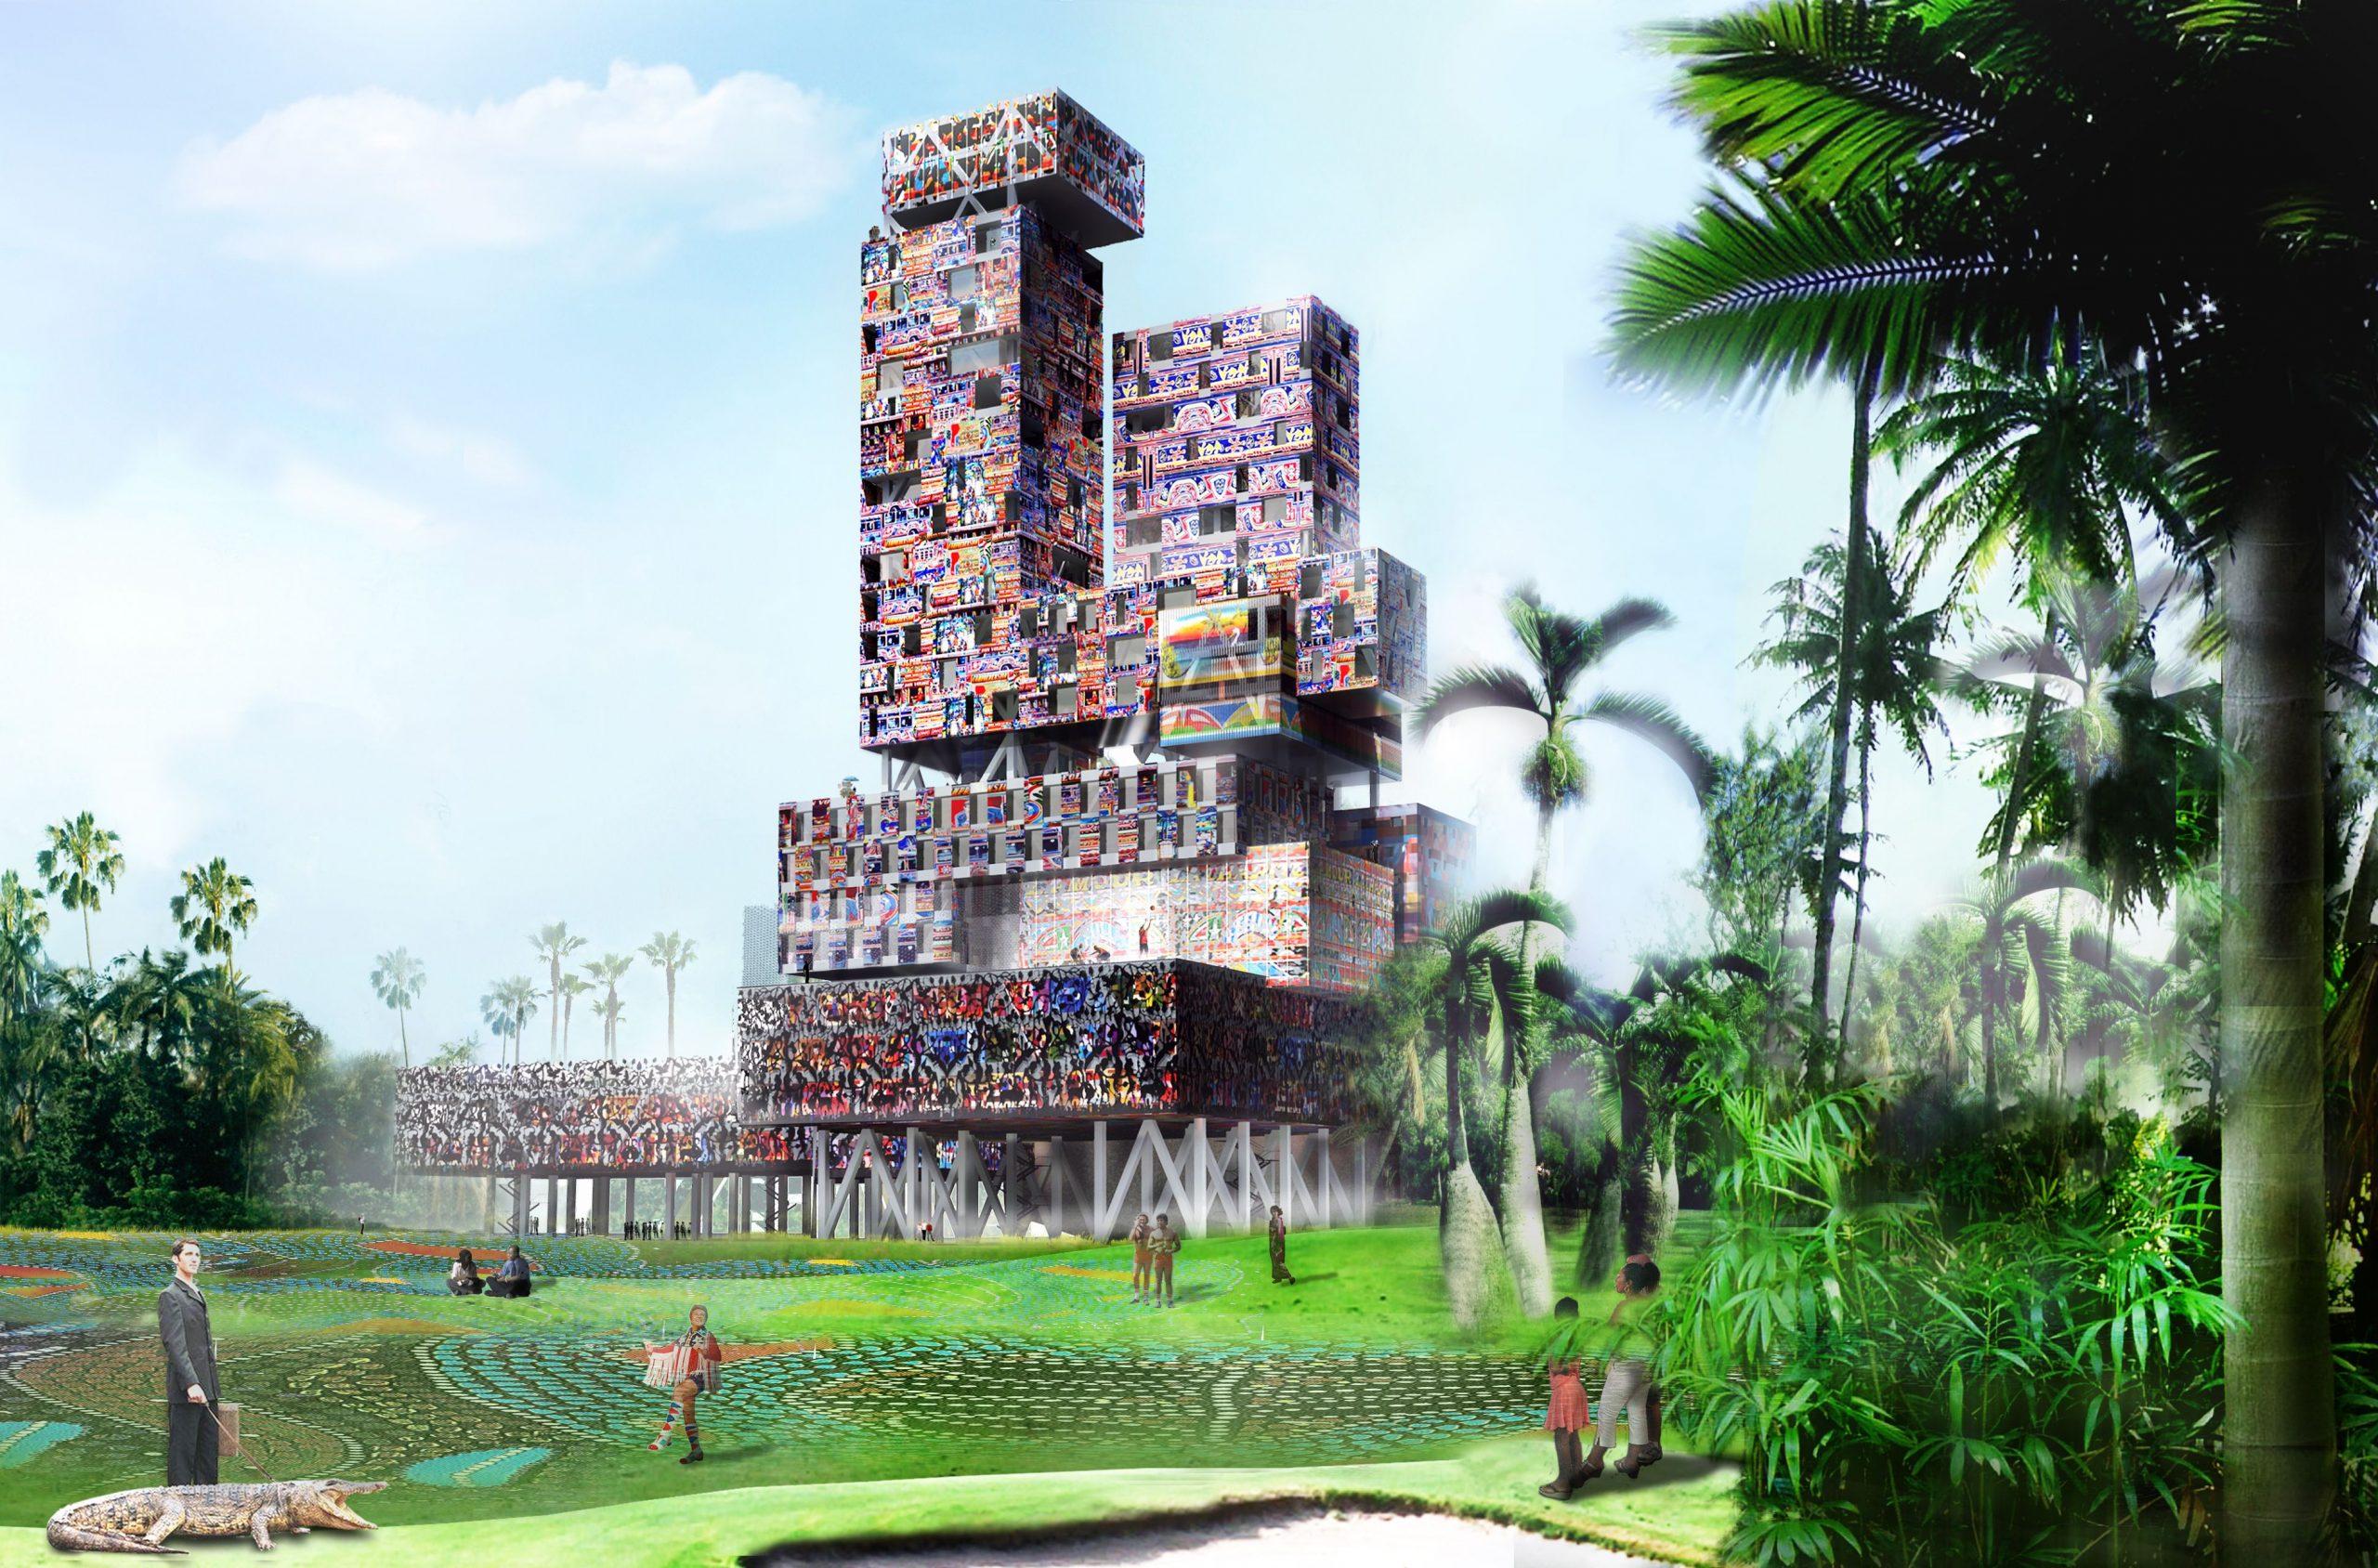 Tap Tap Tower à Haiti, Miami, USA - Matthieu Poitevin Architecture - Caractère Spécial